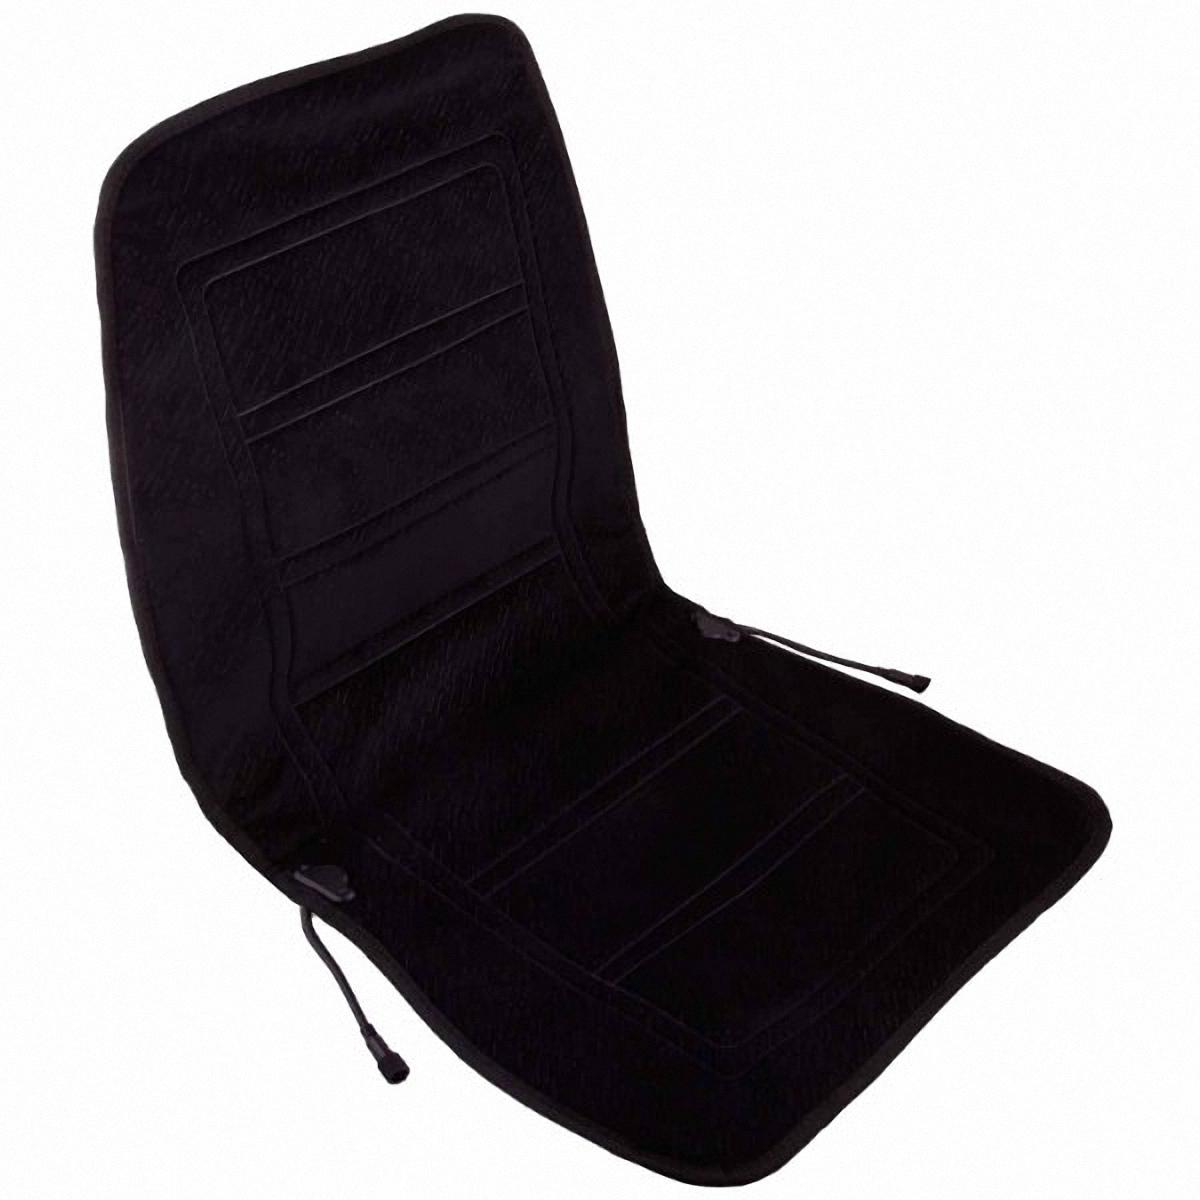 Подогрев для сиденья Skyway, со спинкой, цвет: черный, 95 х 47 смCA-3505В подогреве для сиденья Skyway в качестве теплоносителя применяется углеродный материал. Такой нагреватель обладает феноменальной гибкостью и прочностью на разрыв в отличие от аналогов, изготовленных из медного или иного металлического провода.Особенности:- Универсальный размер.- Снижает усталость при управлении автомобилем.- Обеспечивает комфортное вождение в холодное время года.- Простая и быстрая установка.- Умеренный и интенсивный режим нагрева.- Терморегулятор для изменения интенсивности нагрева.- Защита крепления шнура питания к подогреву.Устройство подключается к прикуривателю на 12V.